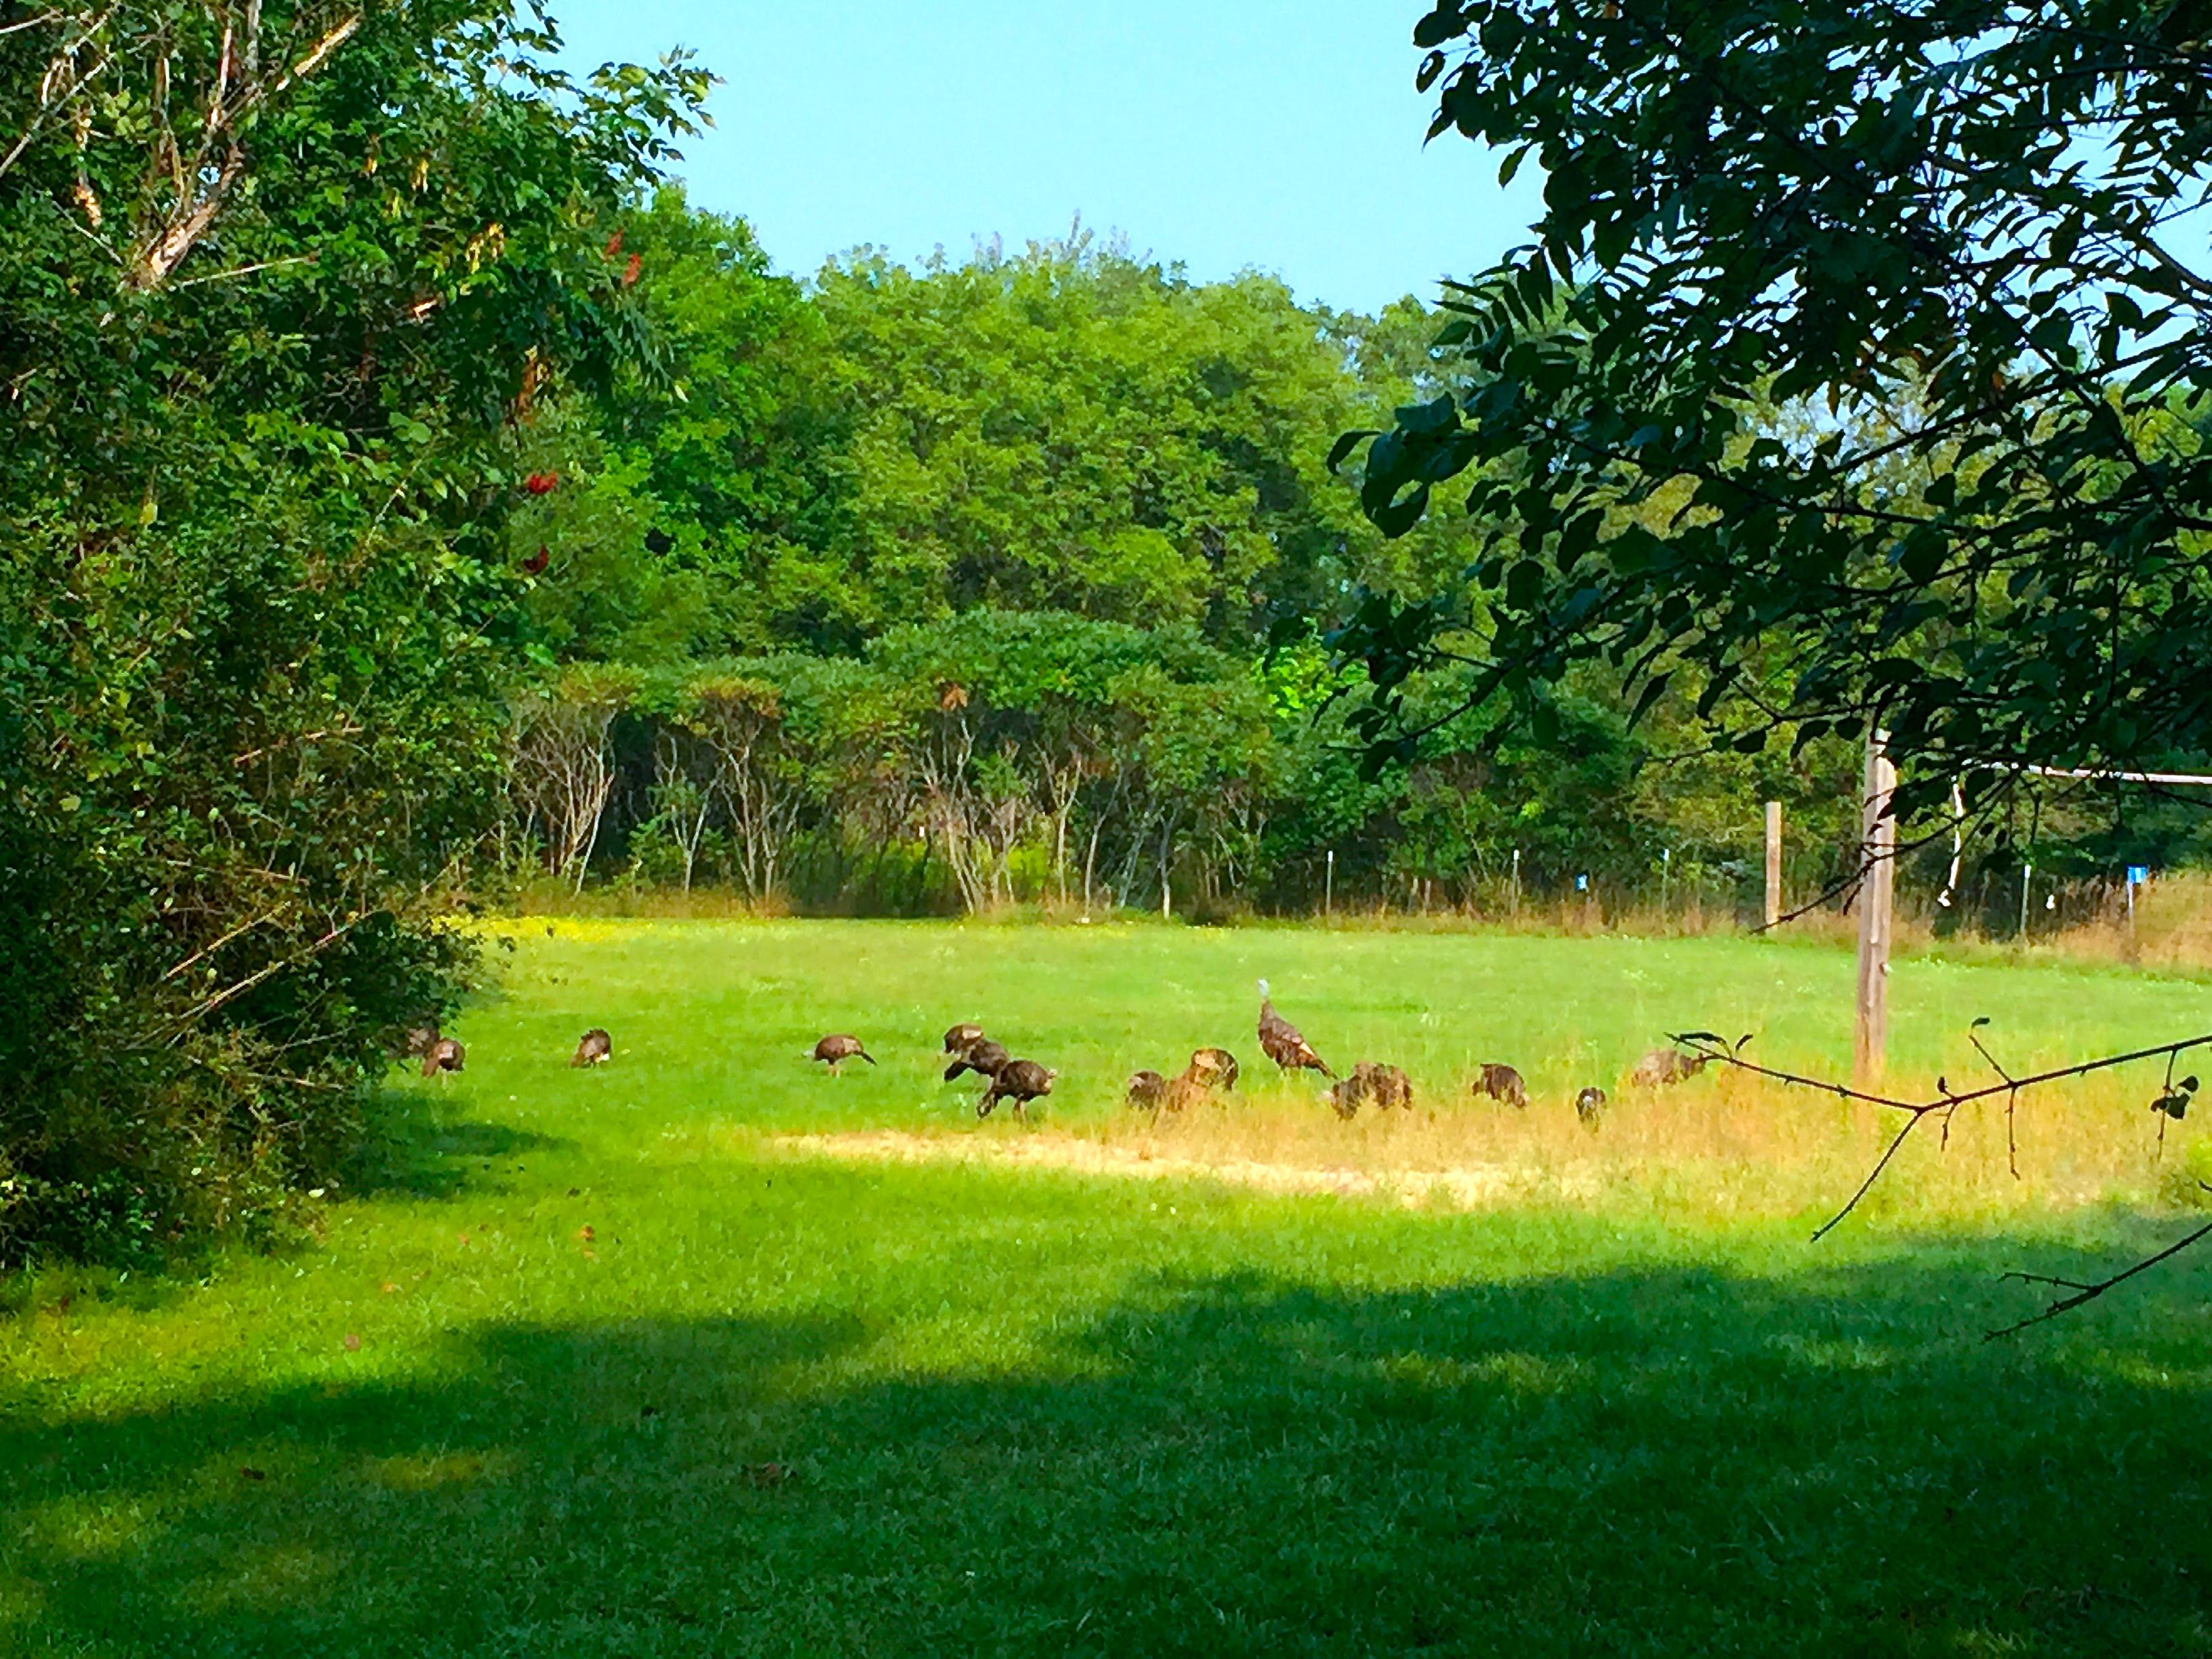 Turkeys grazing in our field